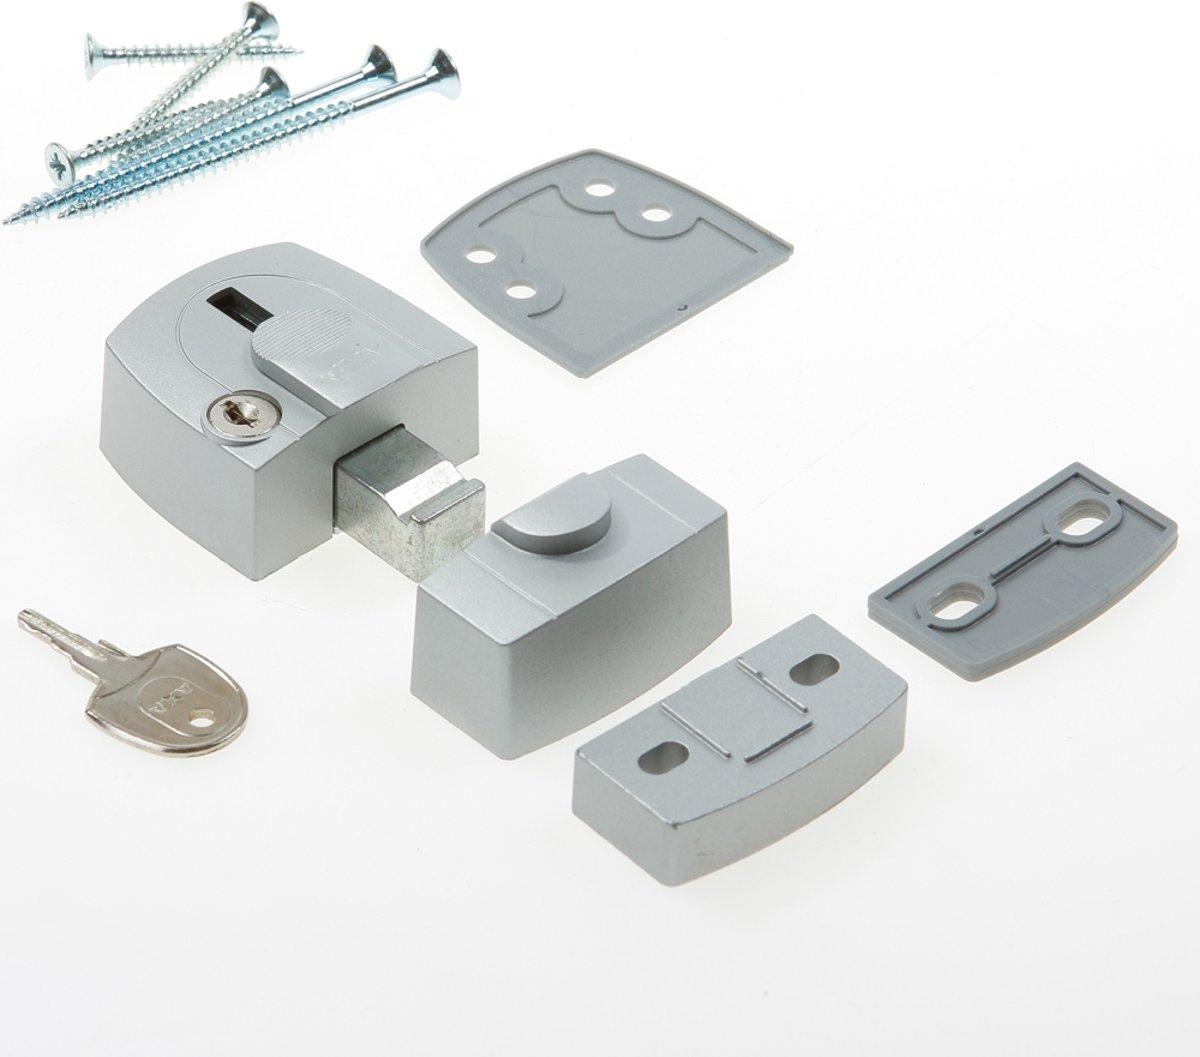 AXA Oplegslot Raam + Deur Zilver 3015 Silverline, SKG1